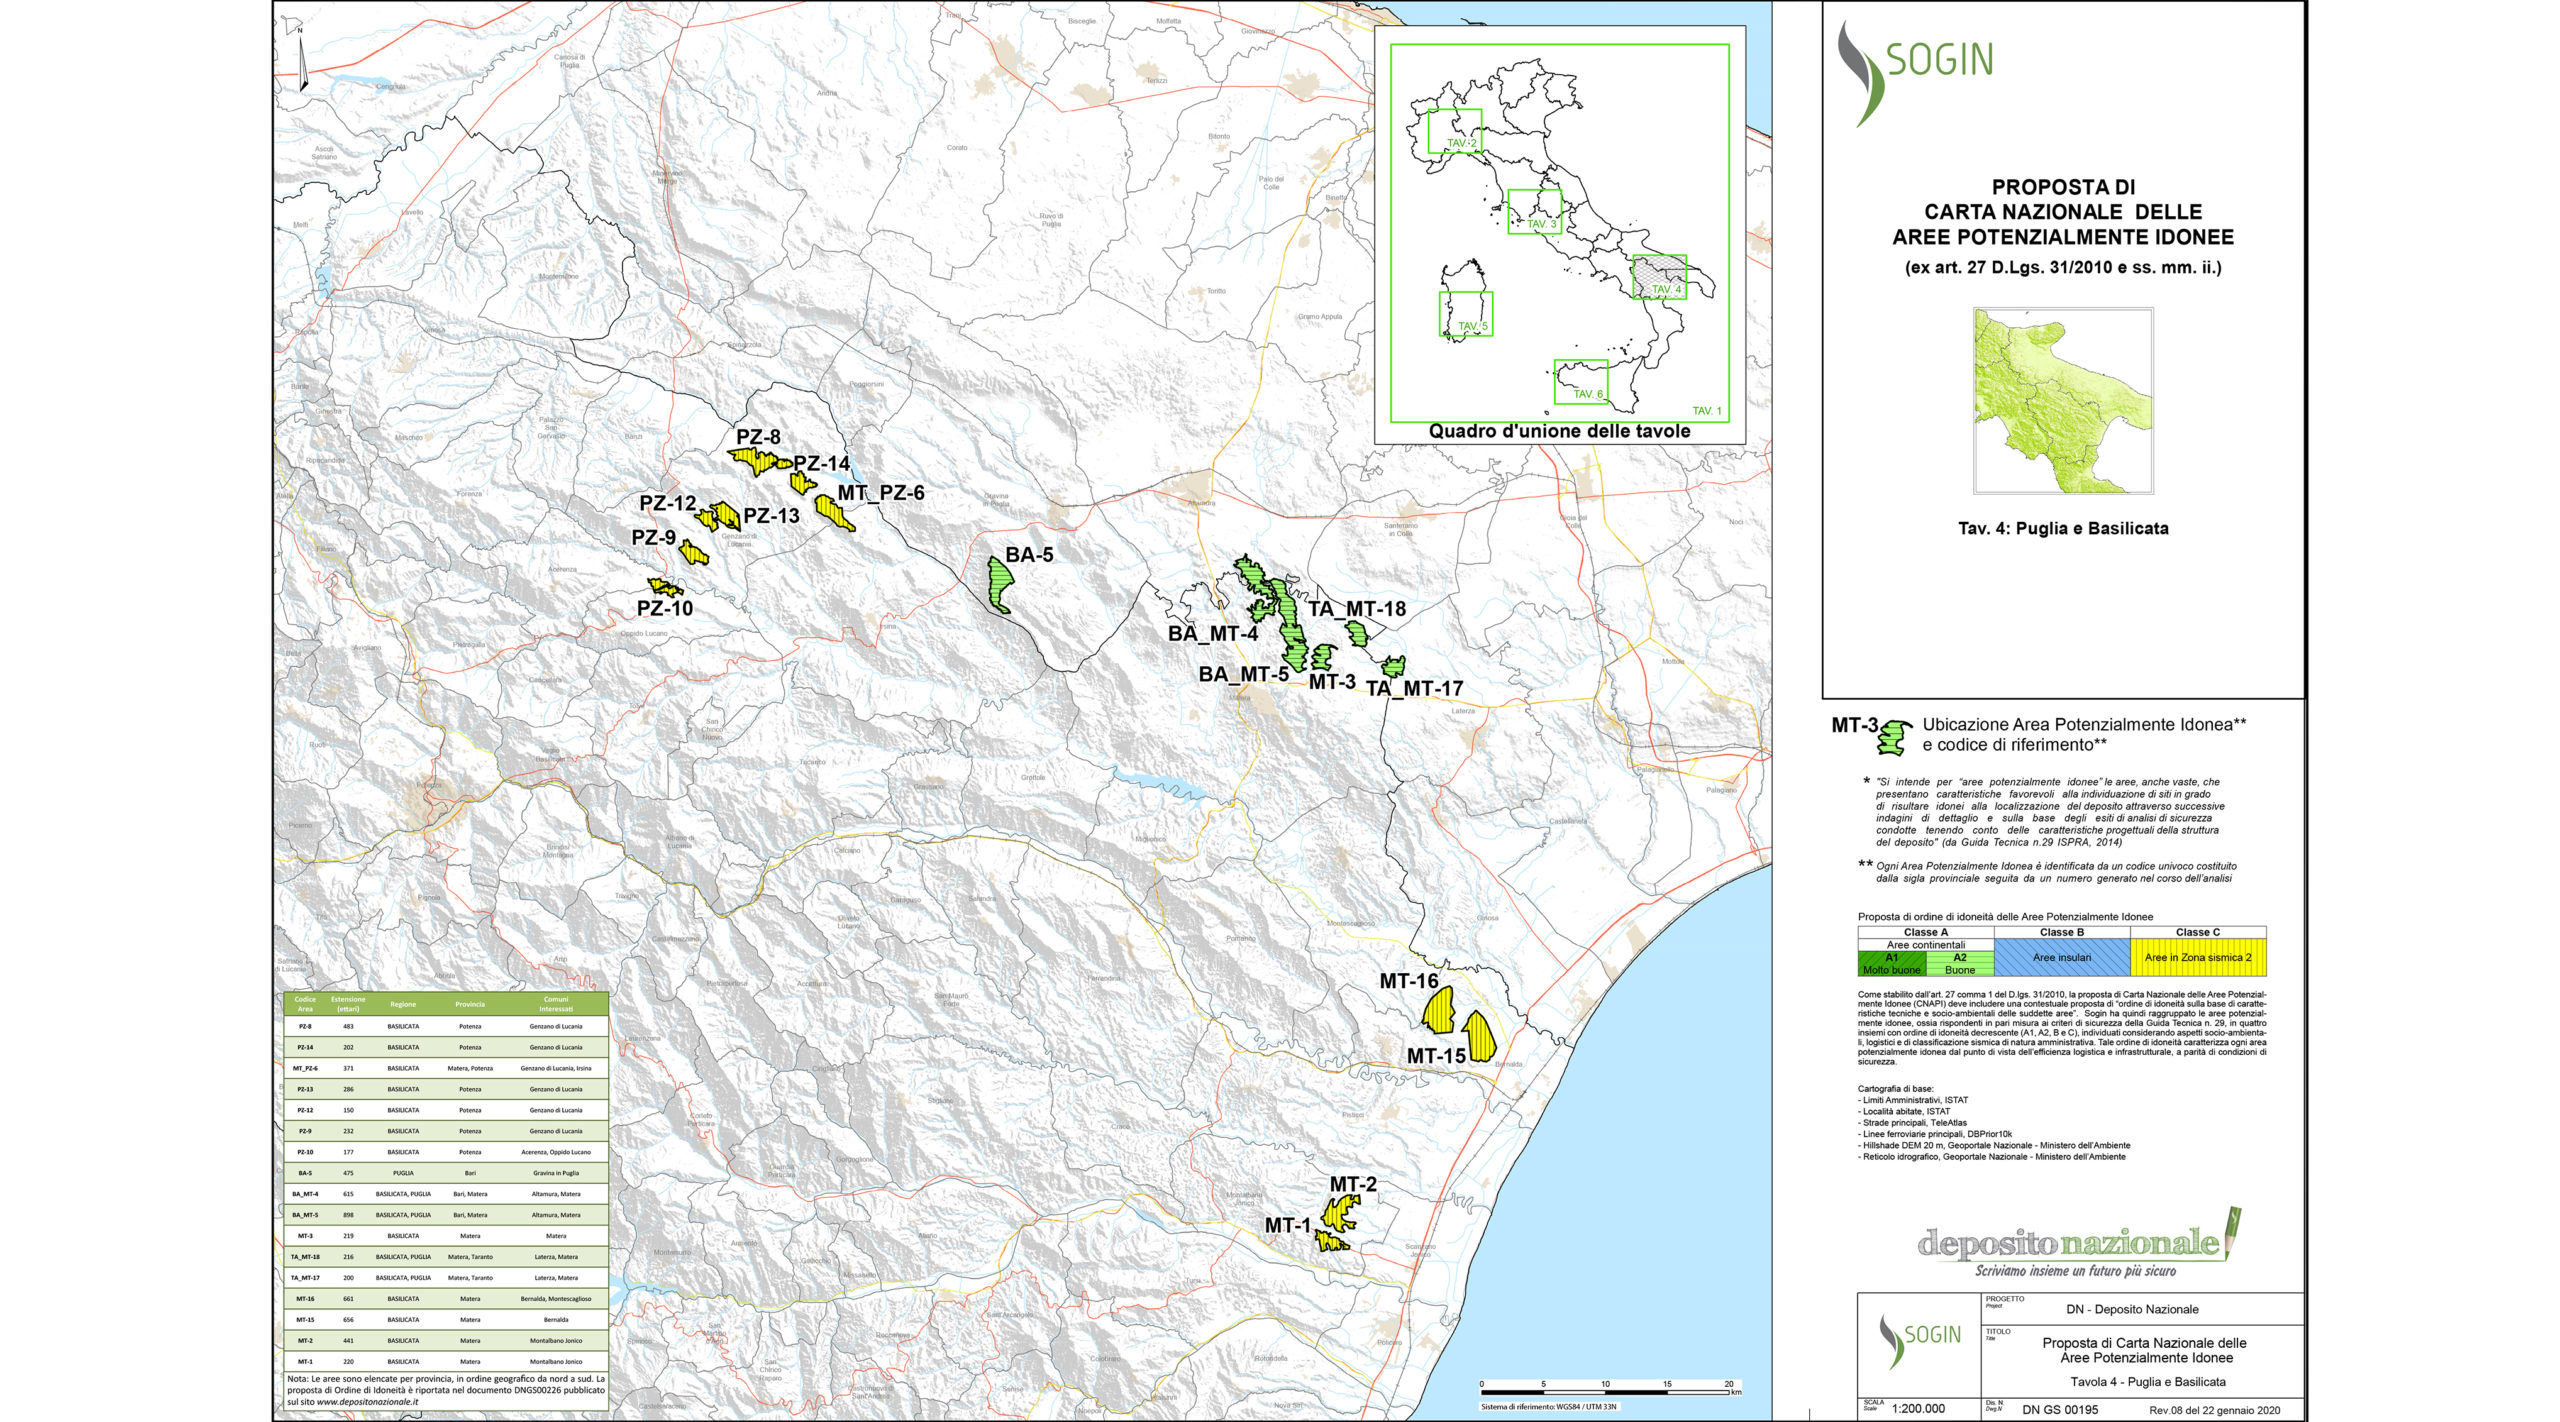 aree-idonee-per-il-deposito-dei-rifiuti-radioattivi:-commenti-e-dichiarazioni-dal-territorio-pugliese-e-lucano